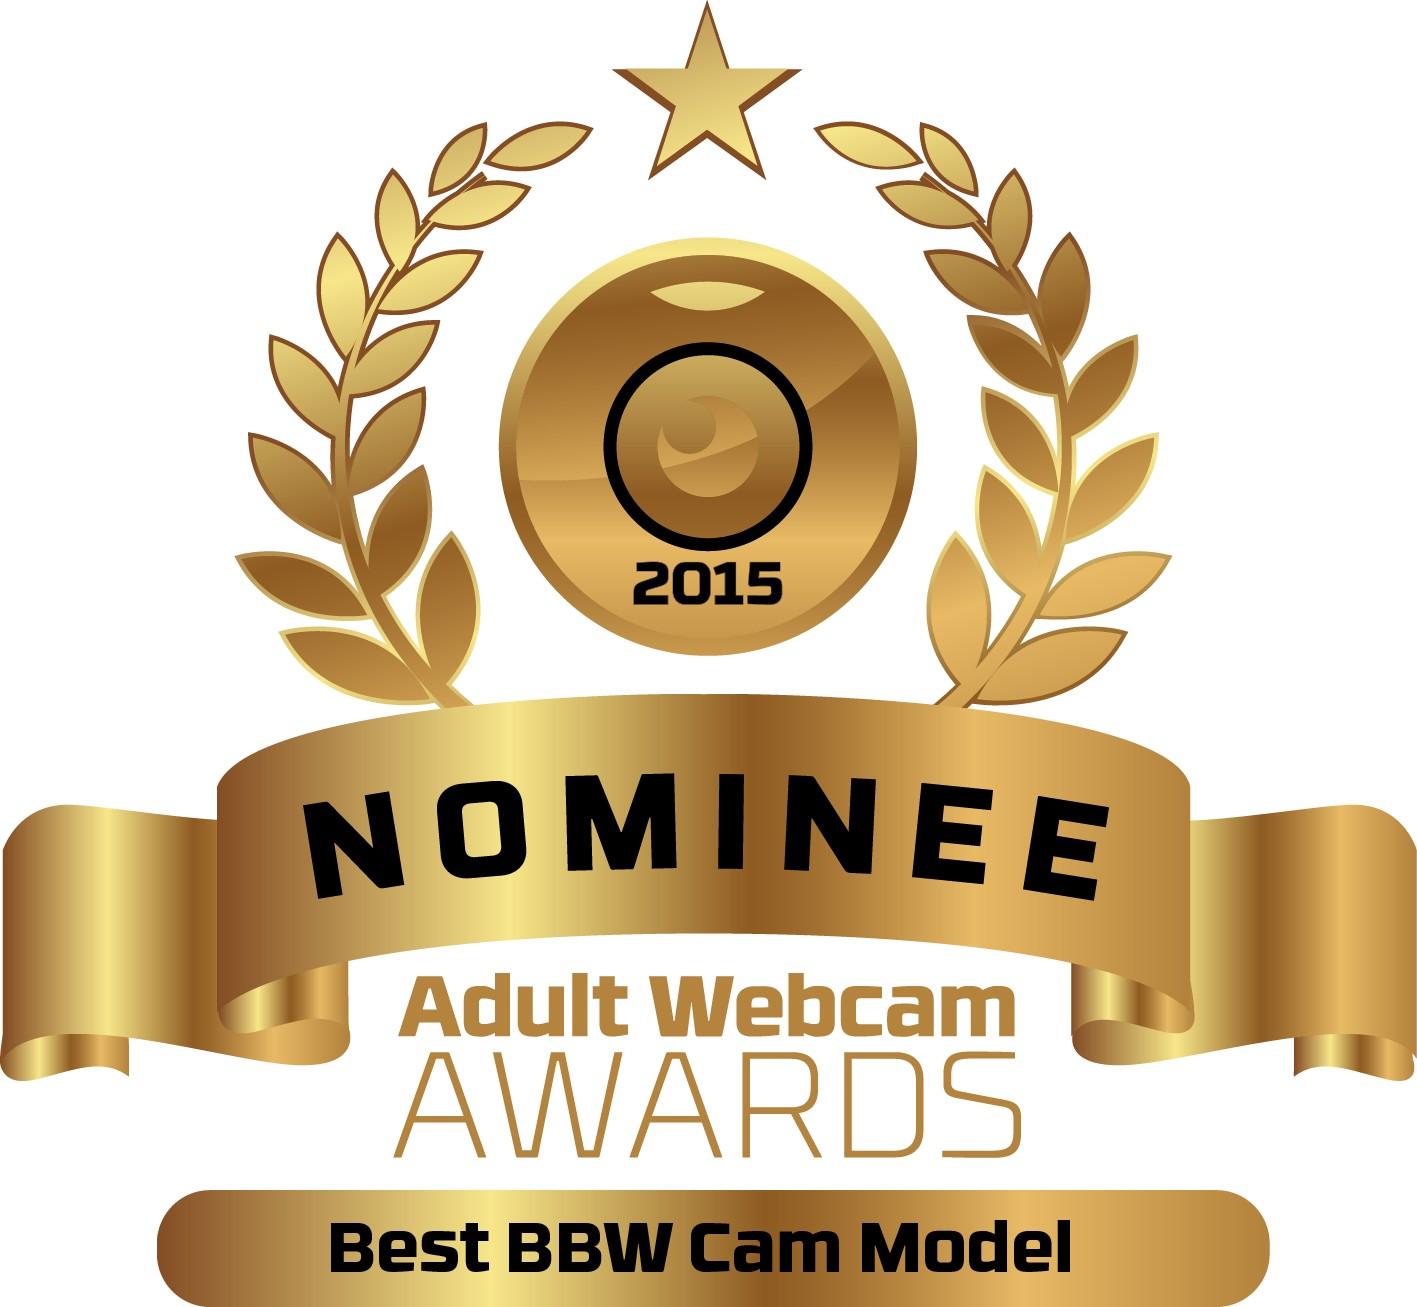 Best BBW Live Cam Model Nominee Badge for the Adult Webcam Awards